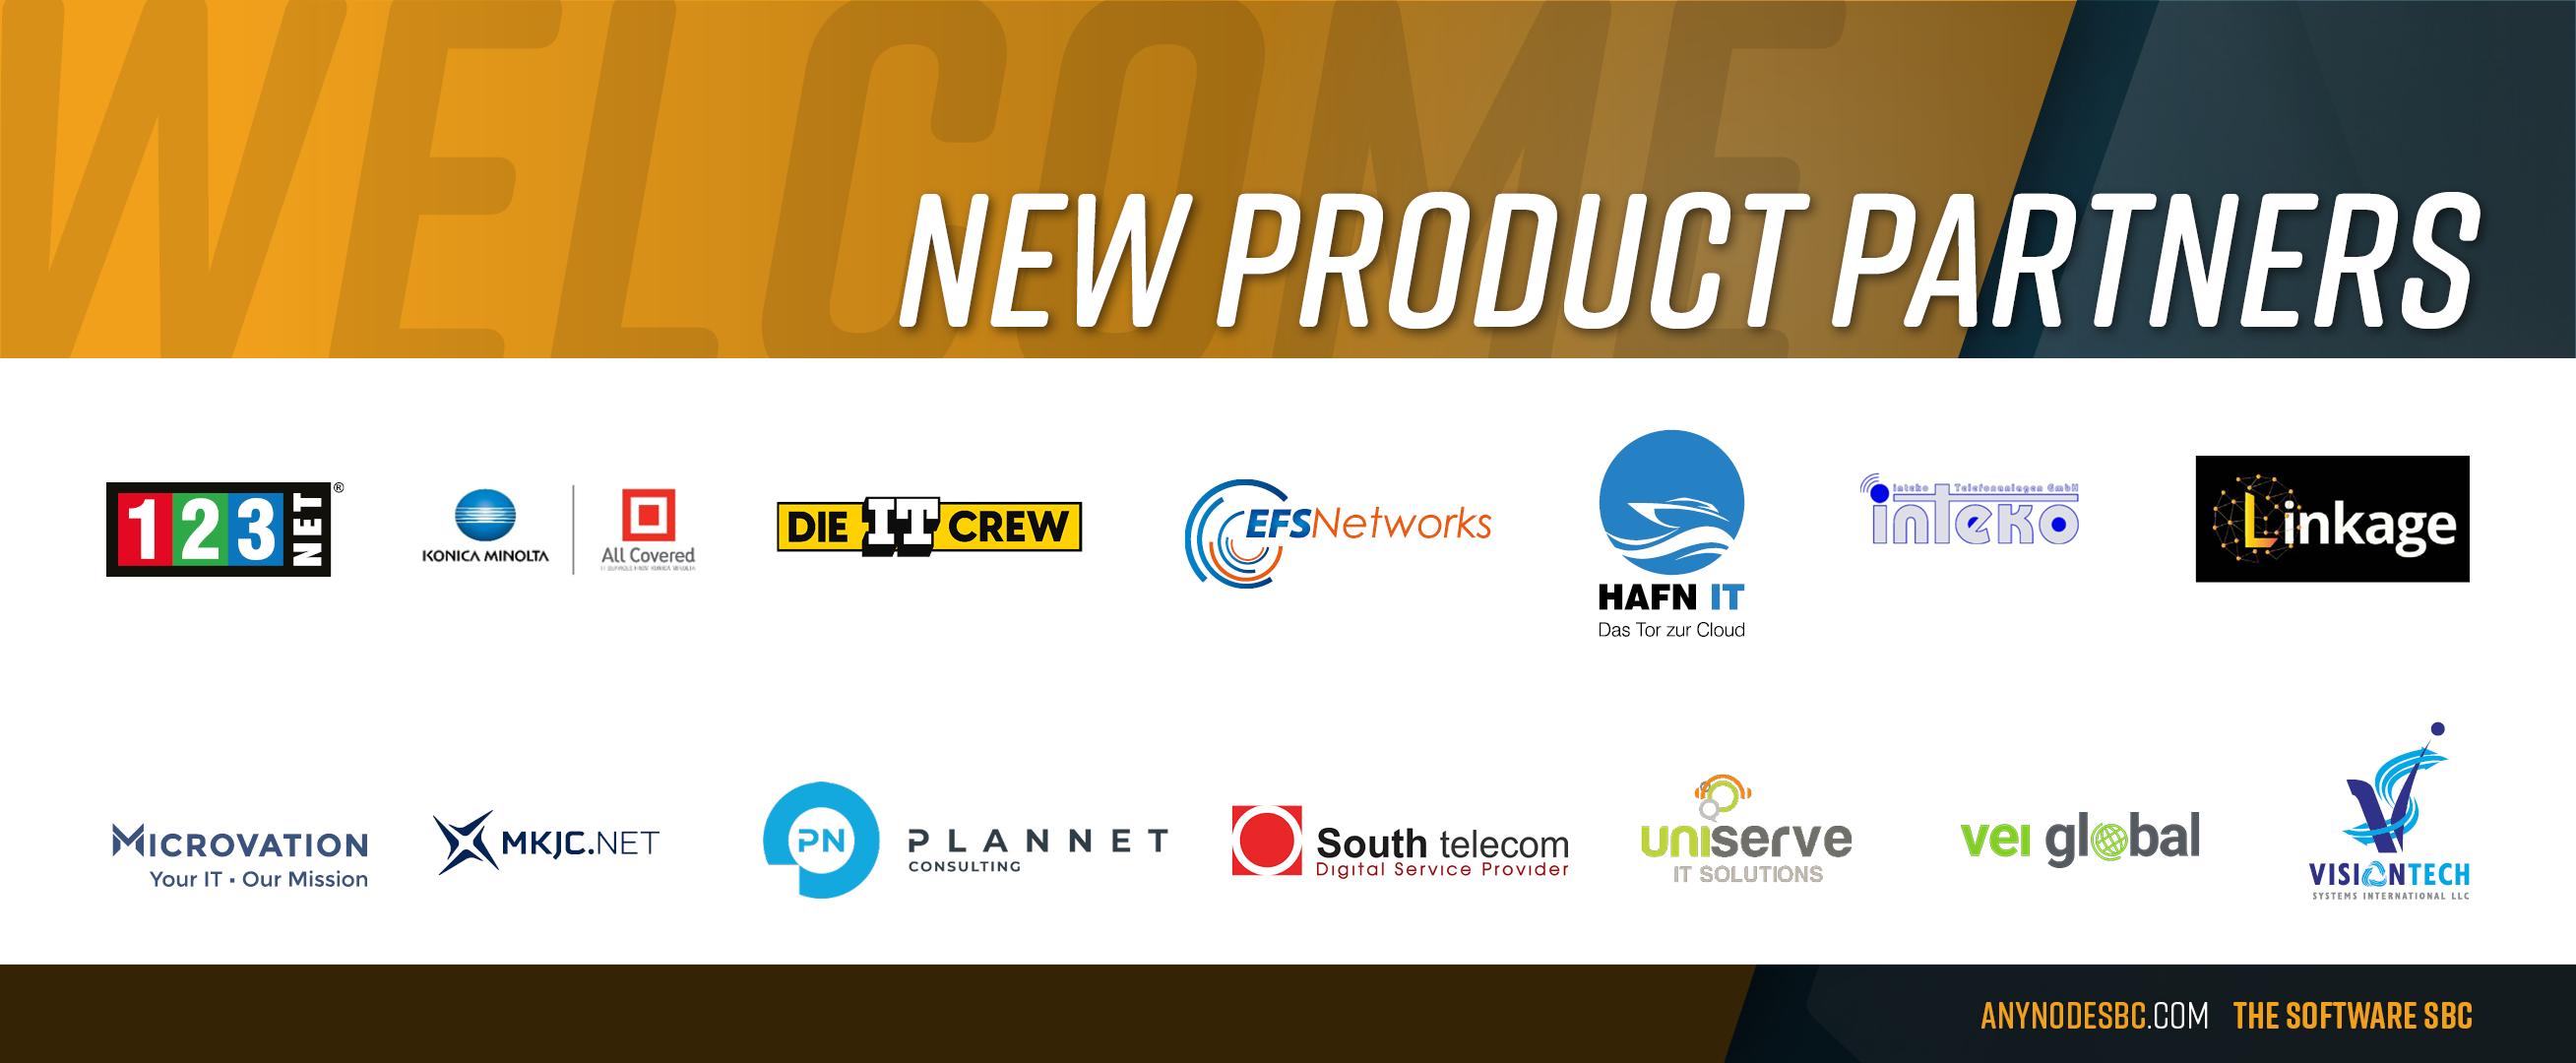 Neue anynode Produktpartner im Januar 2021!